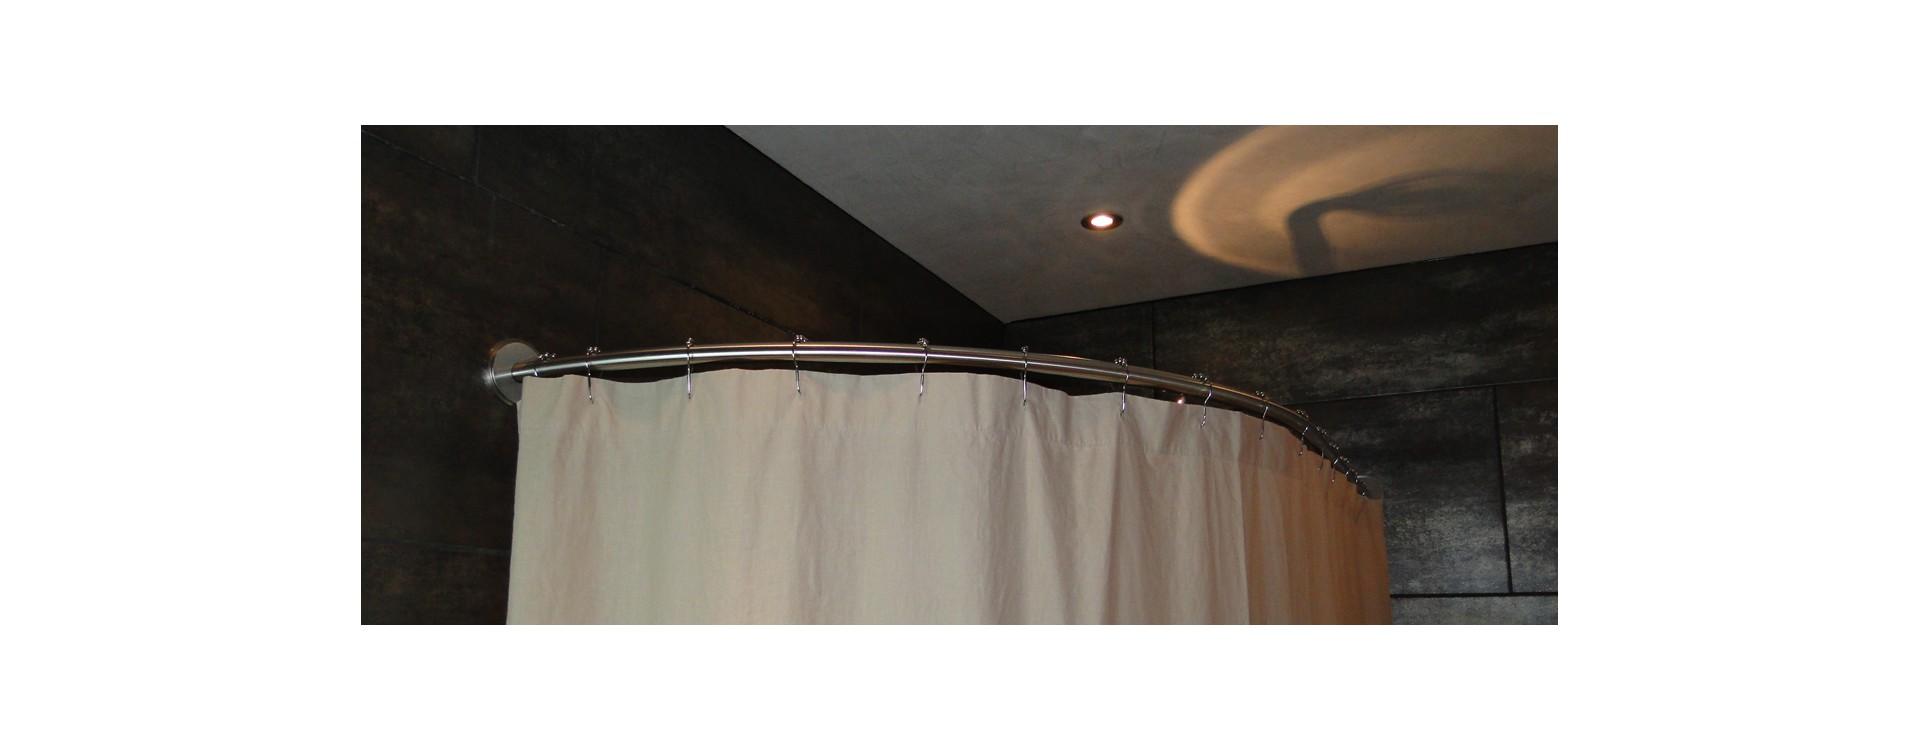 R aliser une douche a l 39 italienne des photos des photos de fond fond d - Realiser une douche a l italienne ...